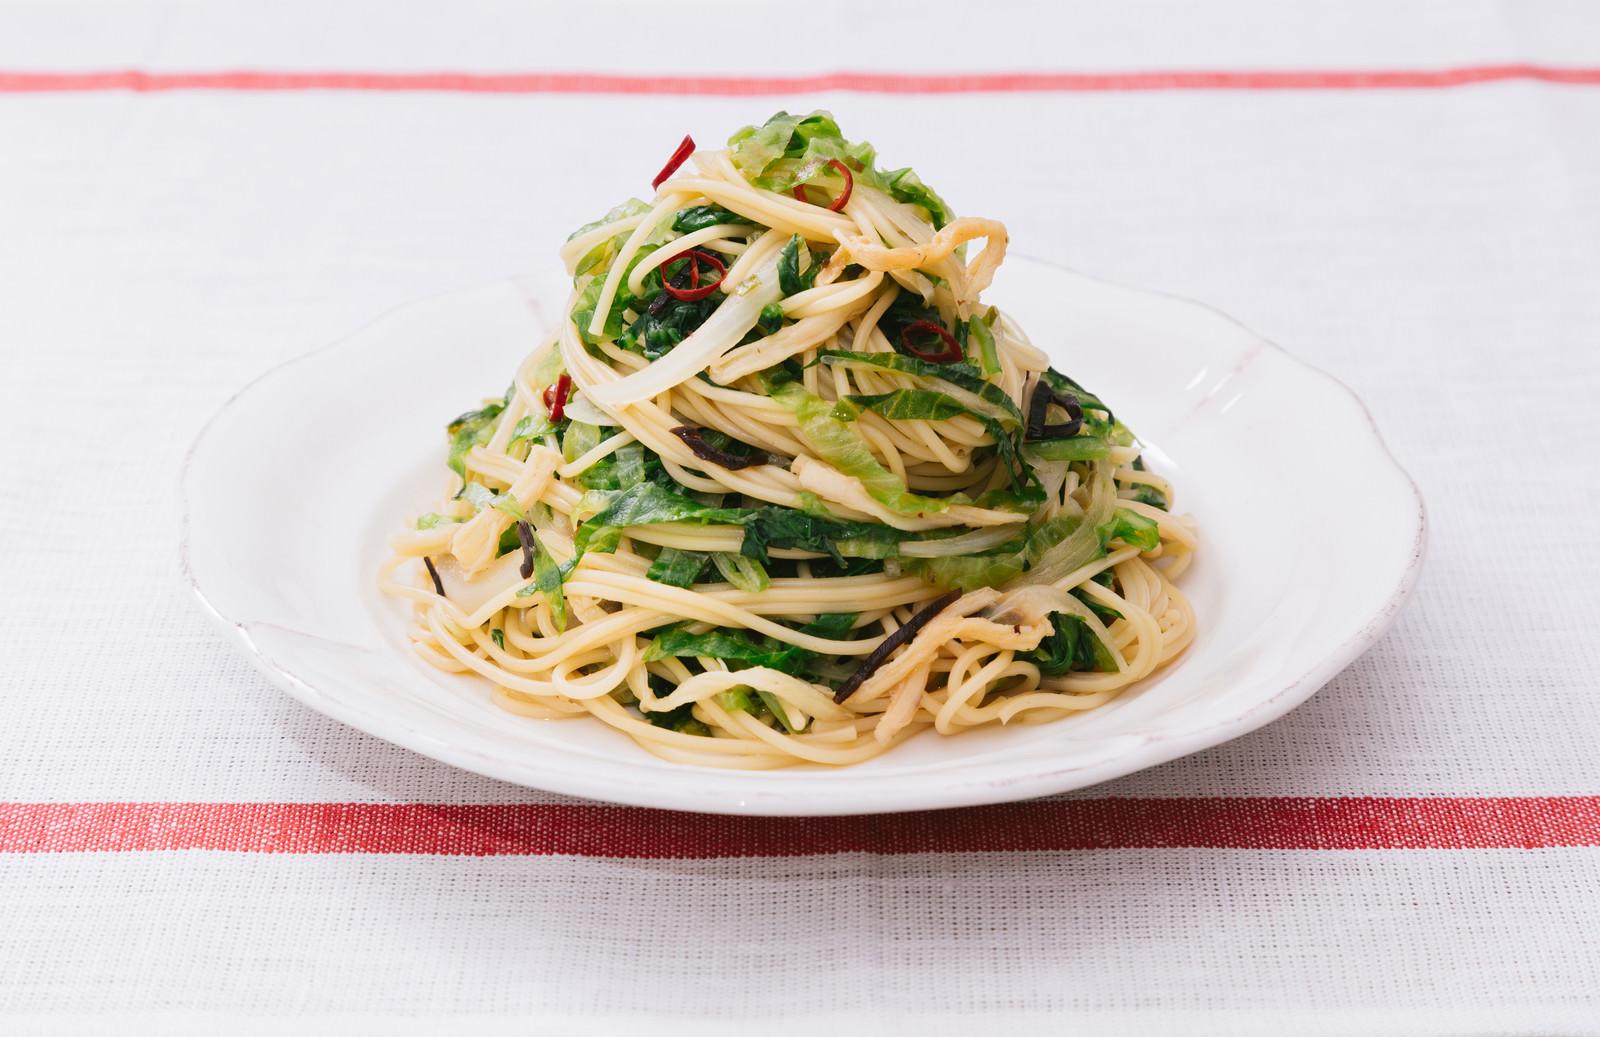 「ダイエット中に積極的に食べたい美味しいパスタ「大盛りダイエットペペロンチーノ」」の写真